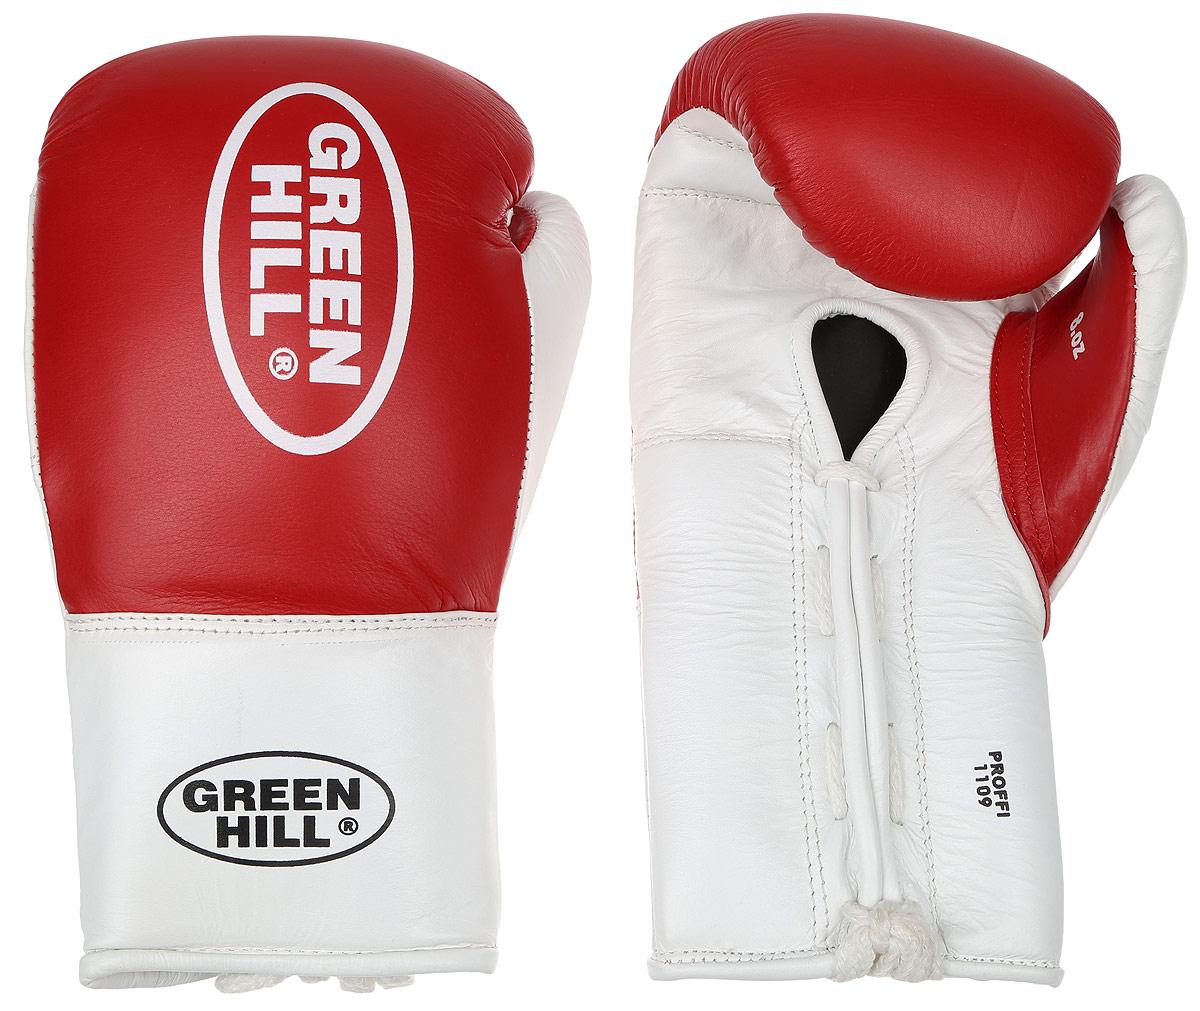 Перчатки боксерские Green Hill Proffi, цвет: красный, белый. Вес 8 унций. BGP-2014CMR-2076Боксерские перчатки Green Hill Proffi предназначены для использования профессионалами. Верх выполнен из натуральной кожи, наполнитель - из вспененного полимера. Отверстие в области ладони позволяет создать максимально комфортный терморежим во время занятий. Манжет на шнуровке способствует быстрому и удобному надеванию перчаток, плотно фиксирует перчатки на руке.